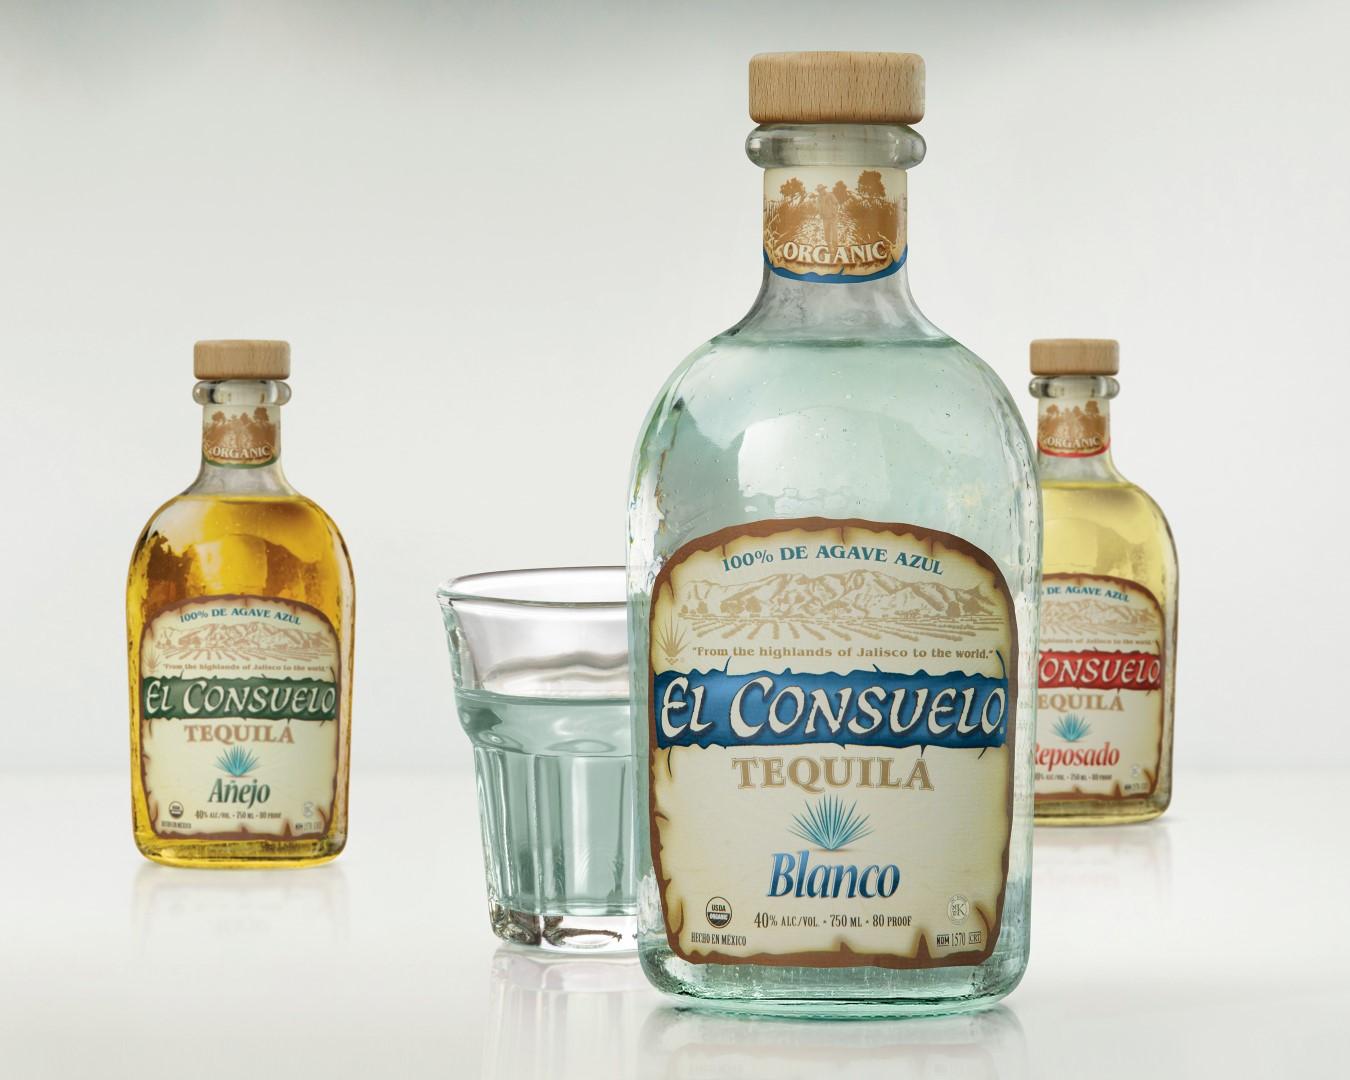 El Consuelo Tequila Reposado